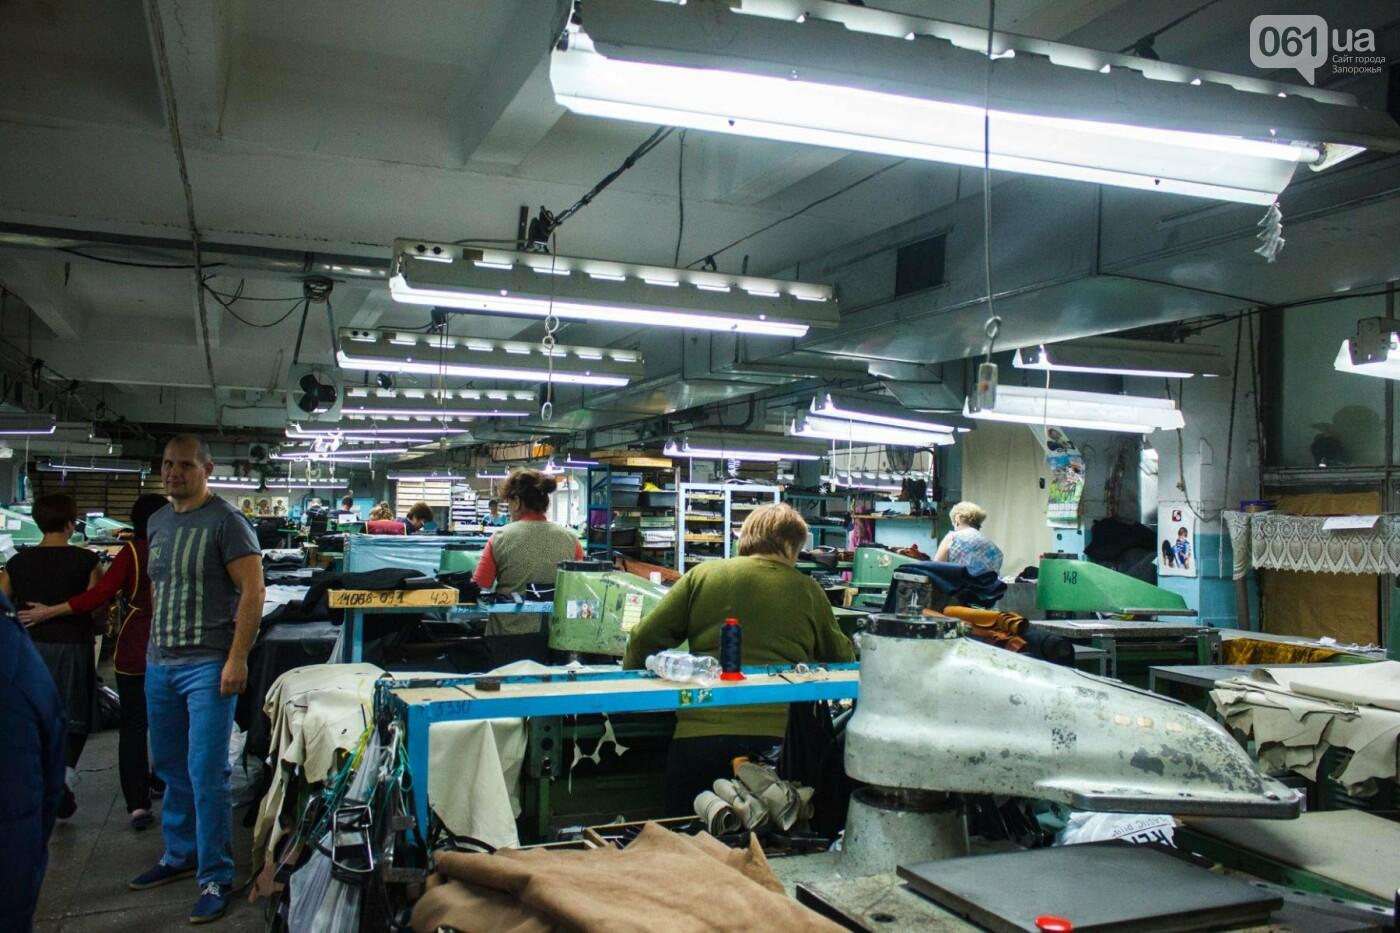 Как создается обувь: экскурсия на запорожскую обувную фабрику, – ФОТОРЕПОРТАЖ, фото-42